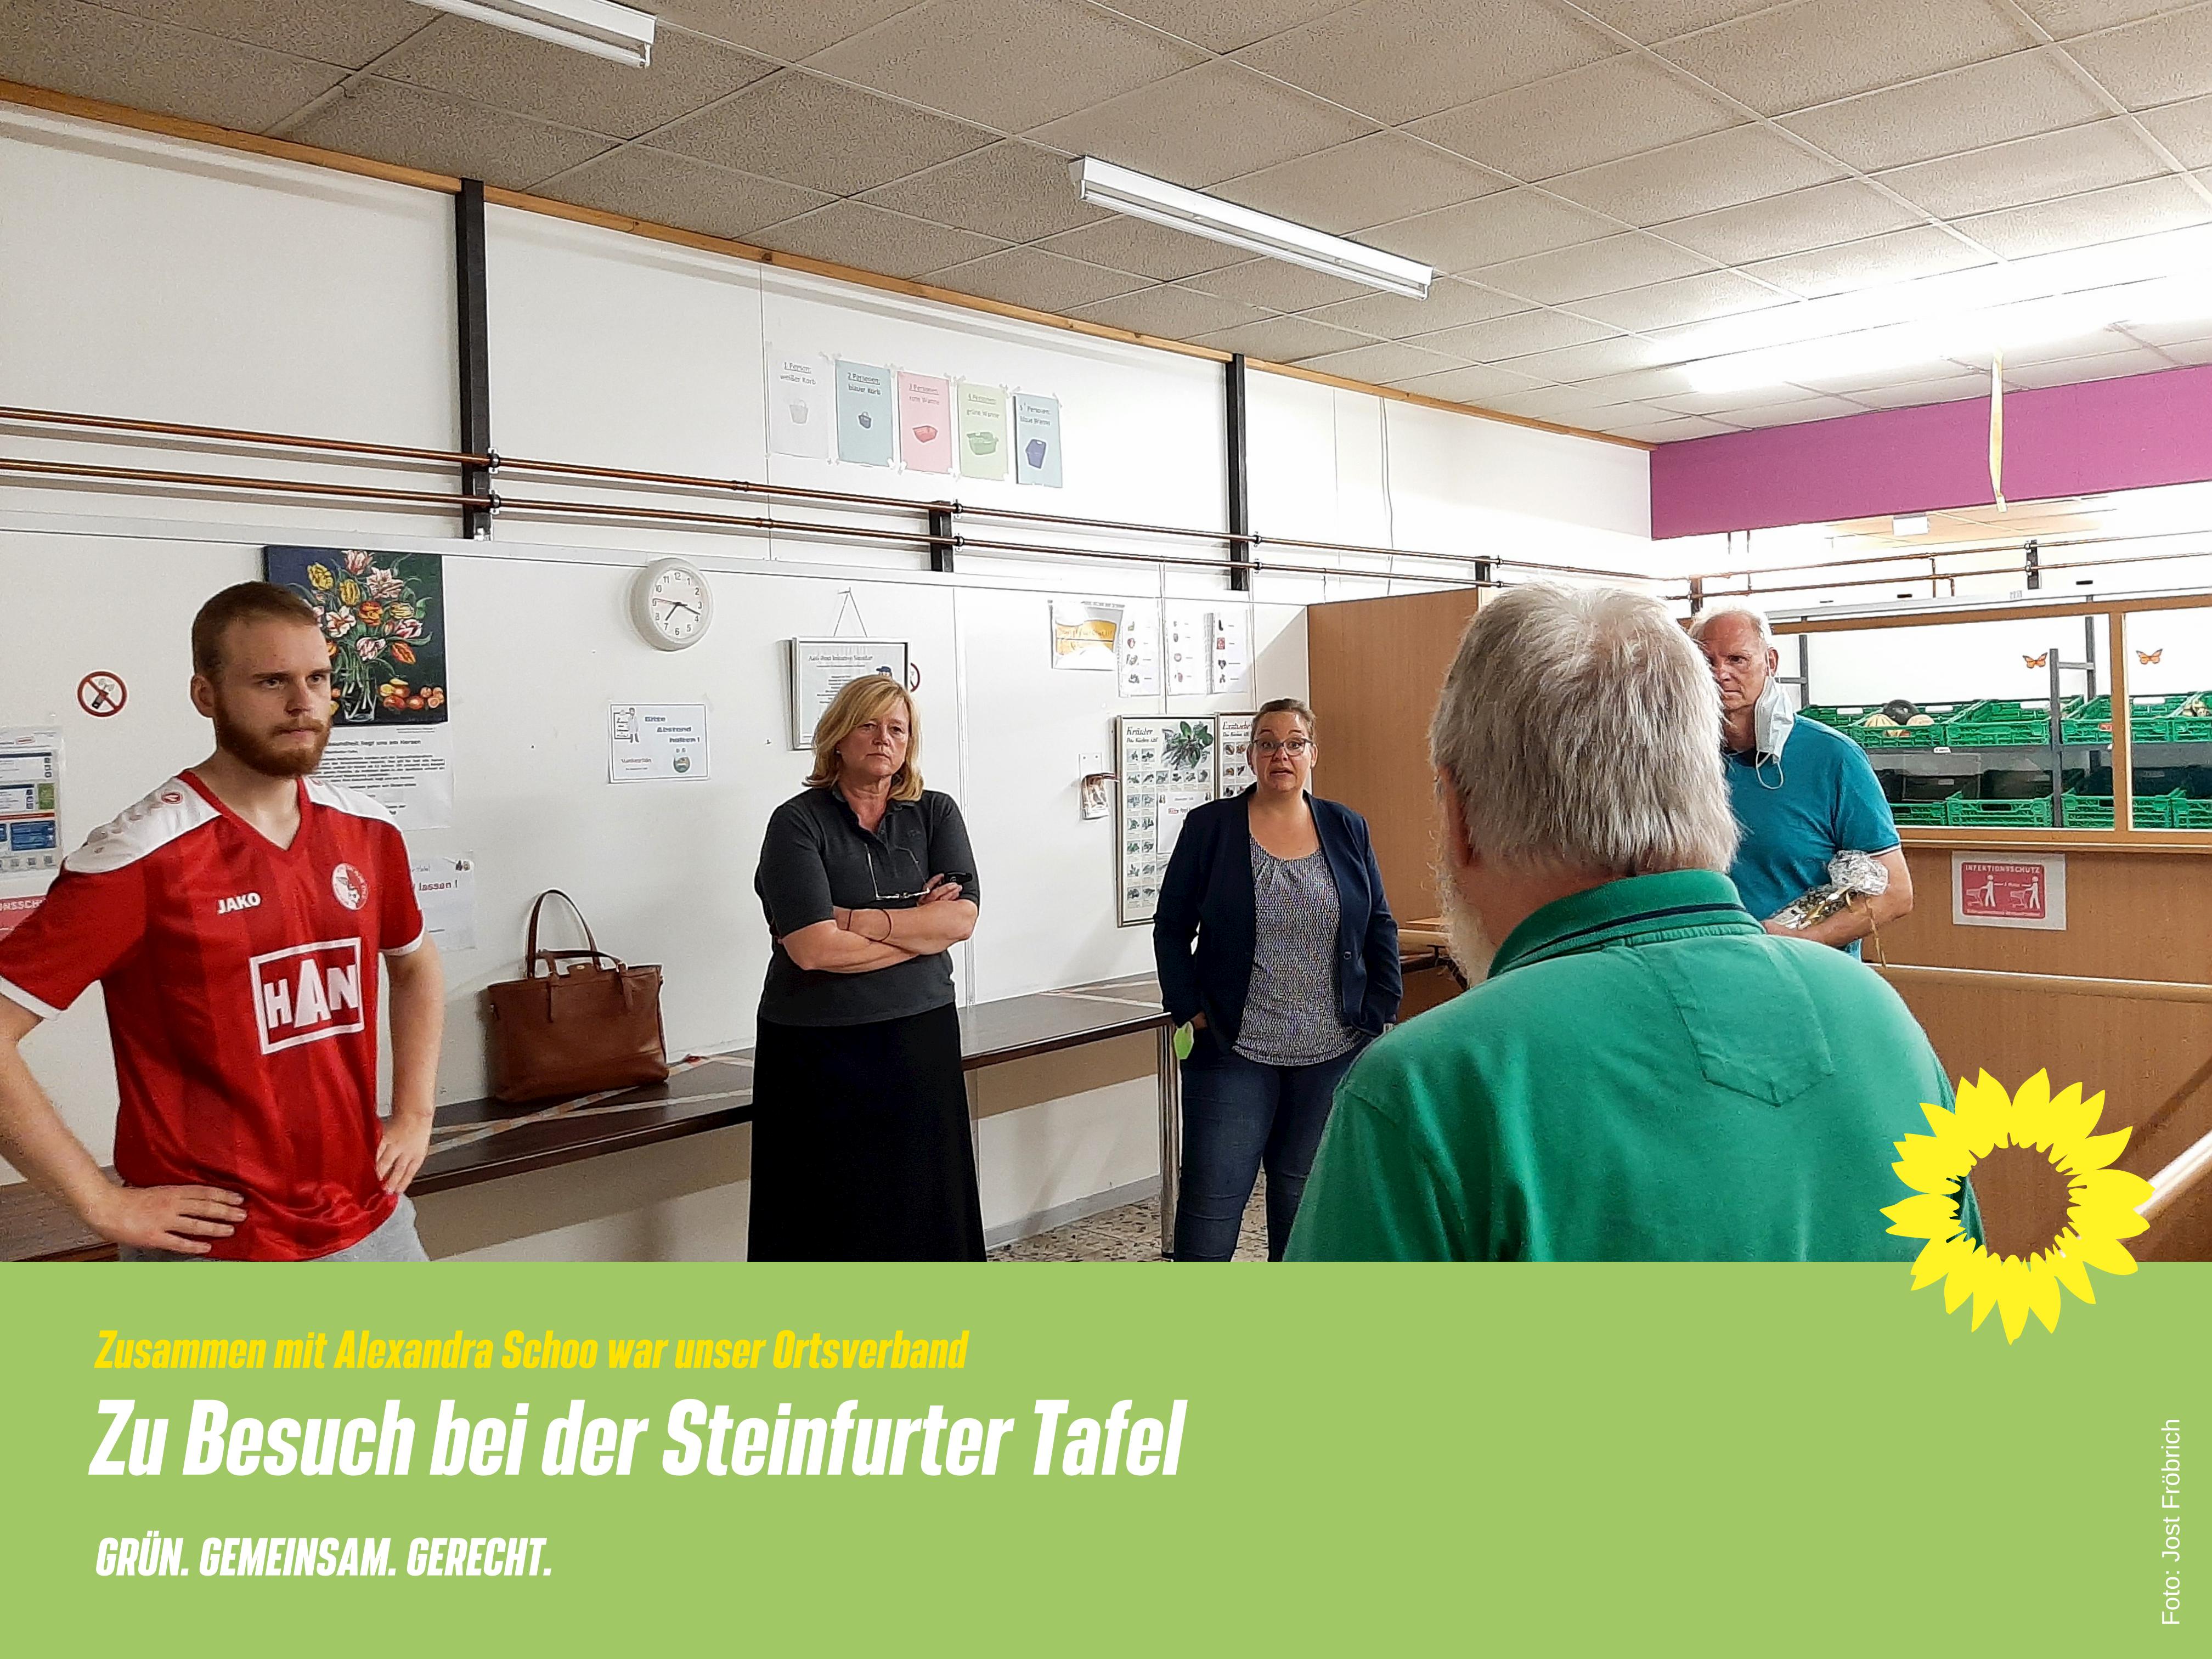 Unsere Grüne Bundestagskandidatin Alexandra Schoo hat mit uns die Tafel besucht